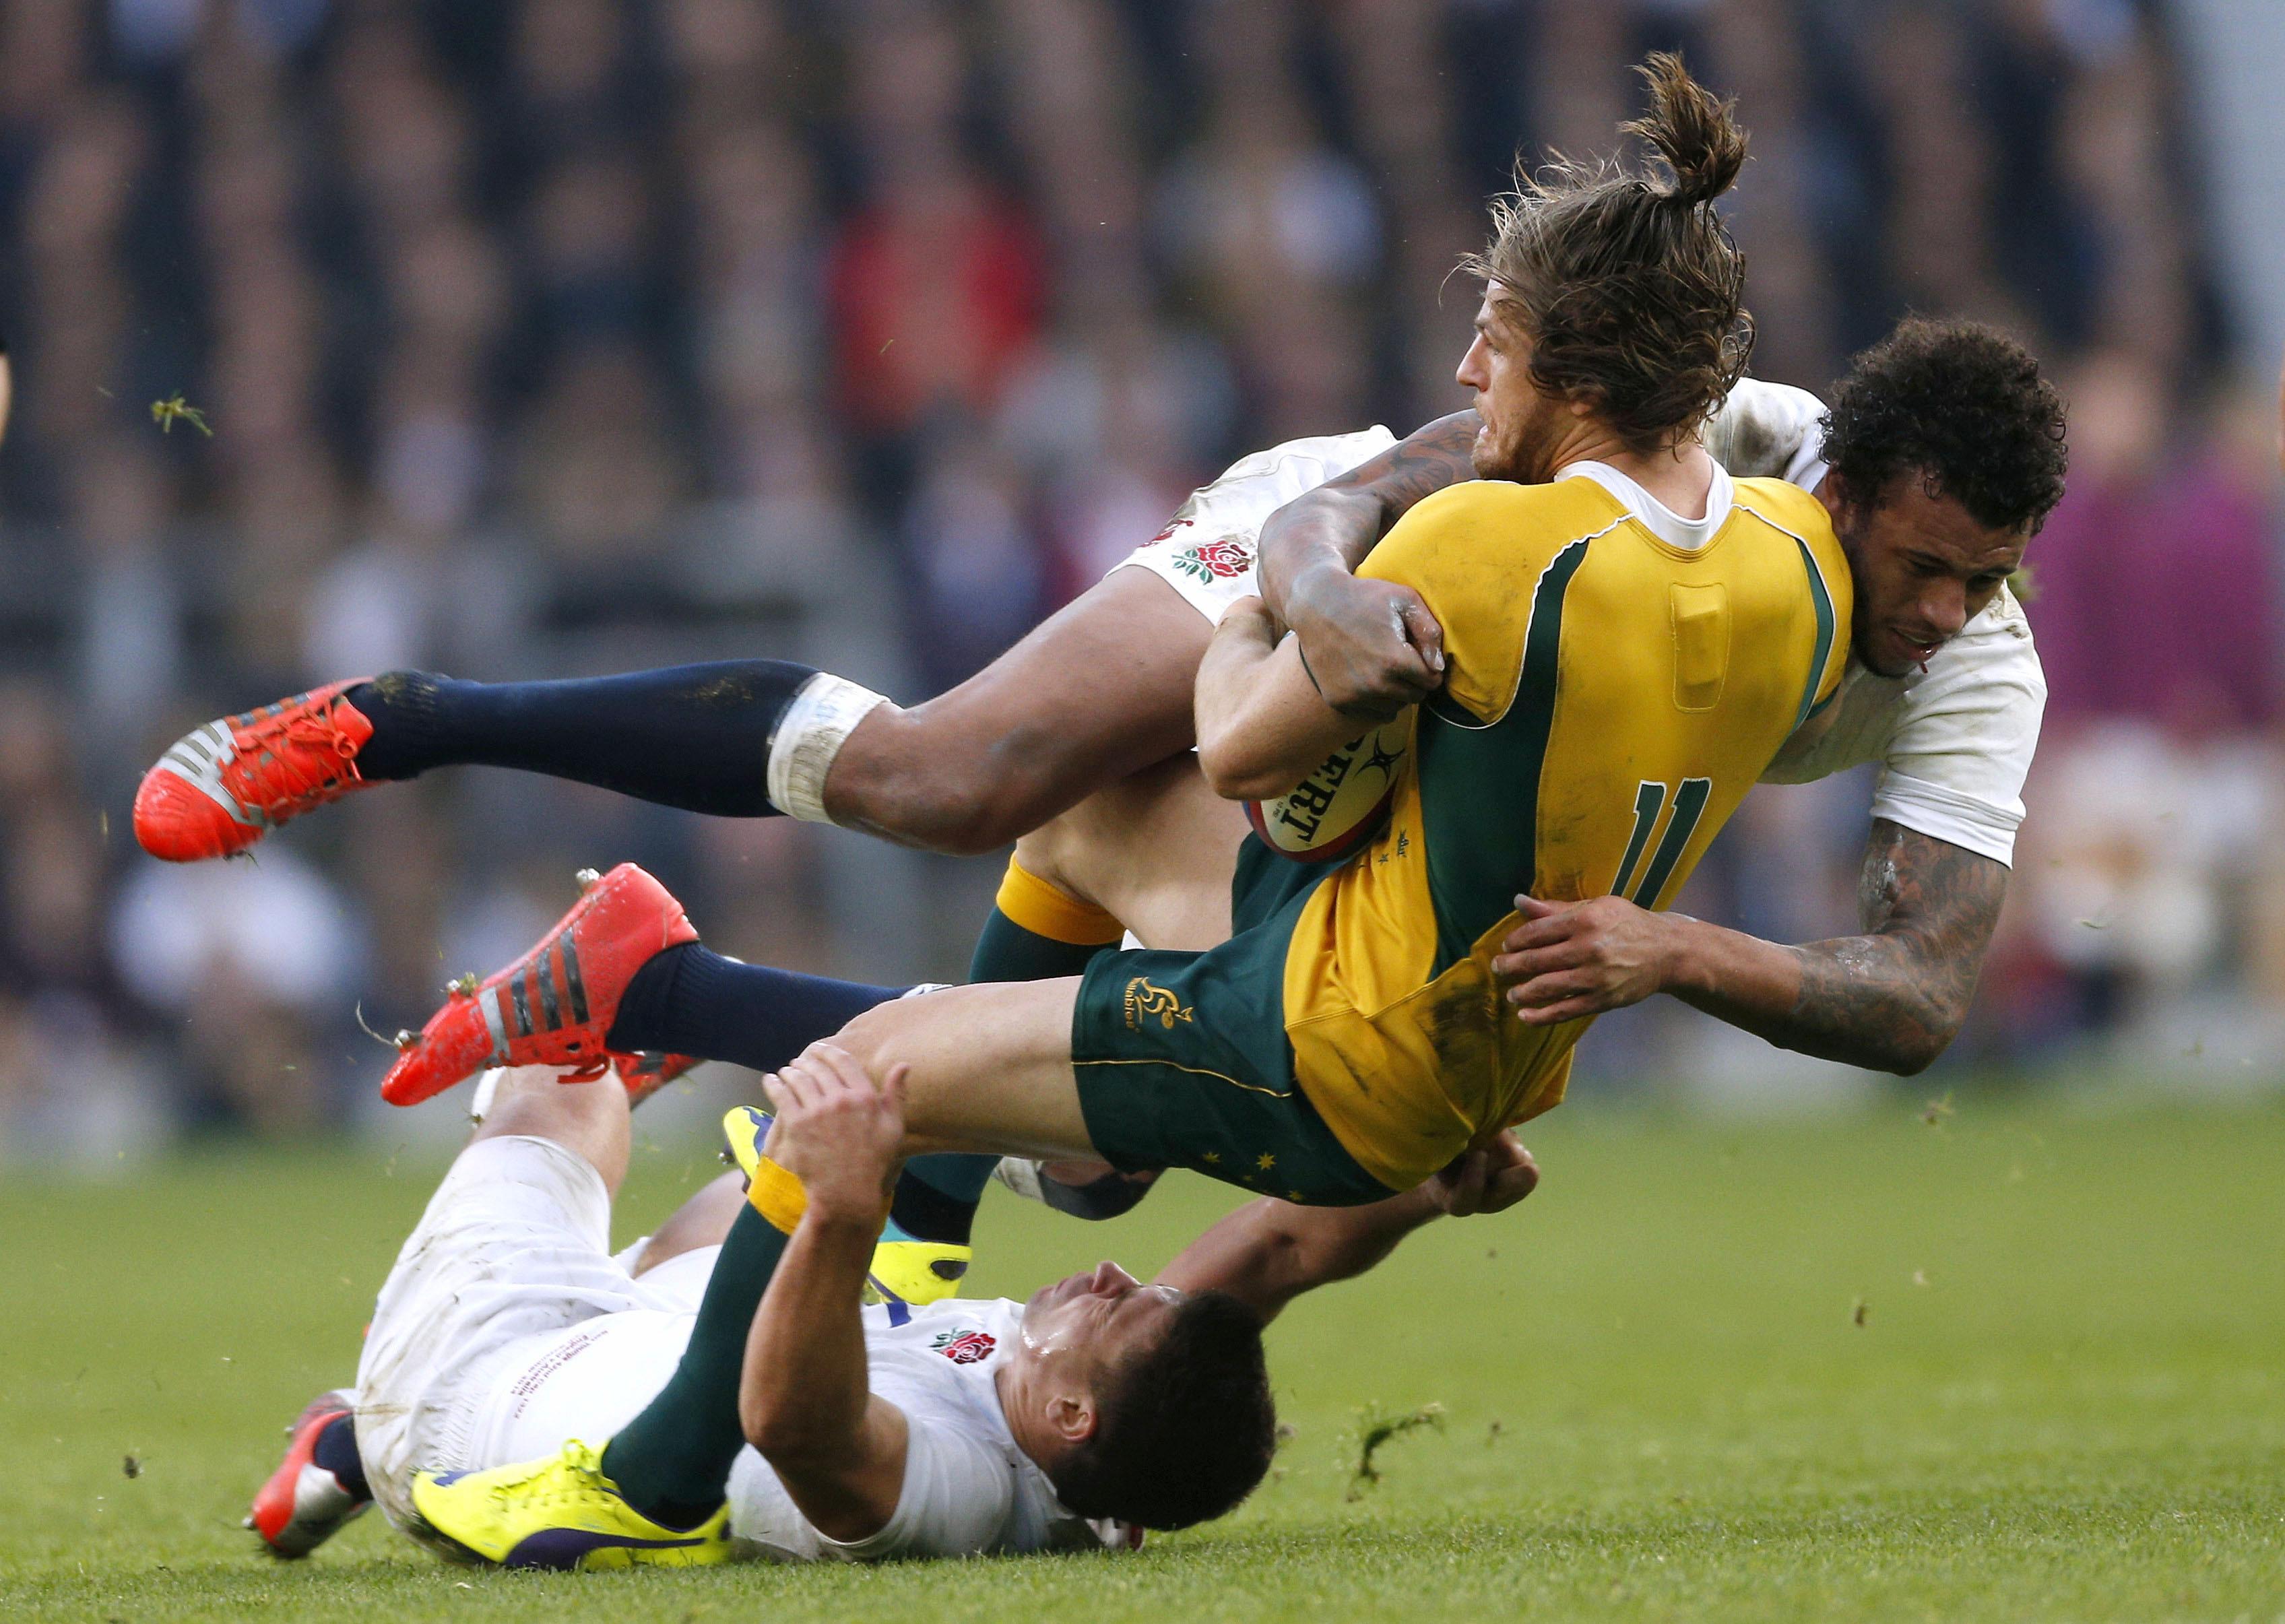 Mondial les 10 affiches ne pas manquer coupe du monde 2015 rugby - Coupe du monde 2015 handball ...